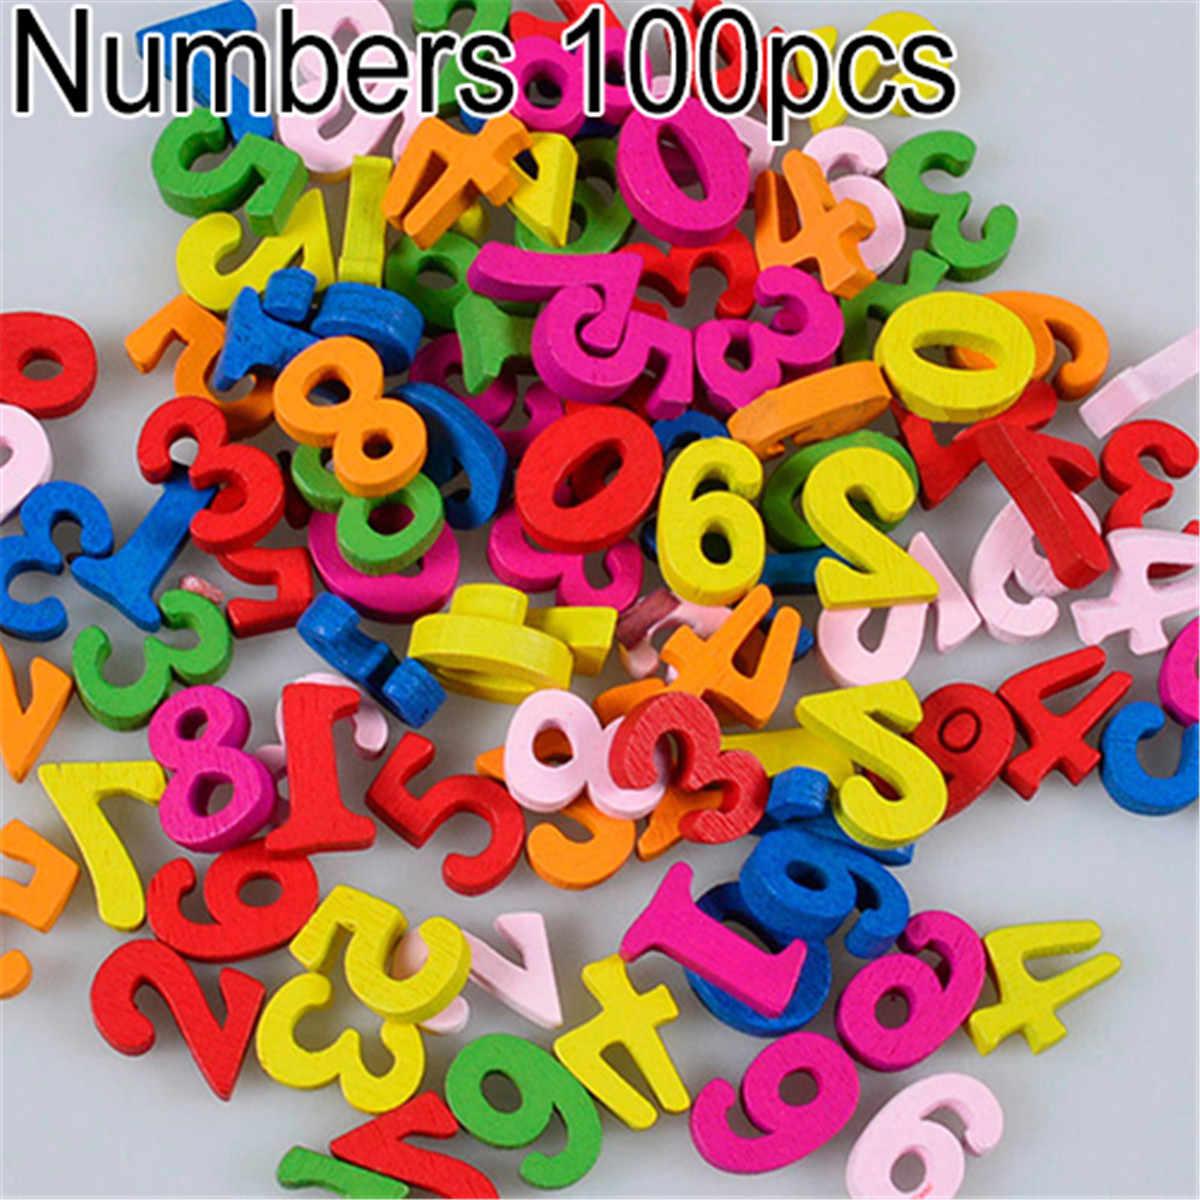 Новое поступление 100 шт цветные буквы цифры деревянные плоские украшения ремесла инструмент Детские игрушки для младенцев образование